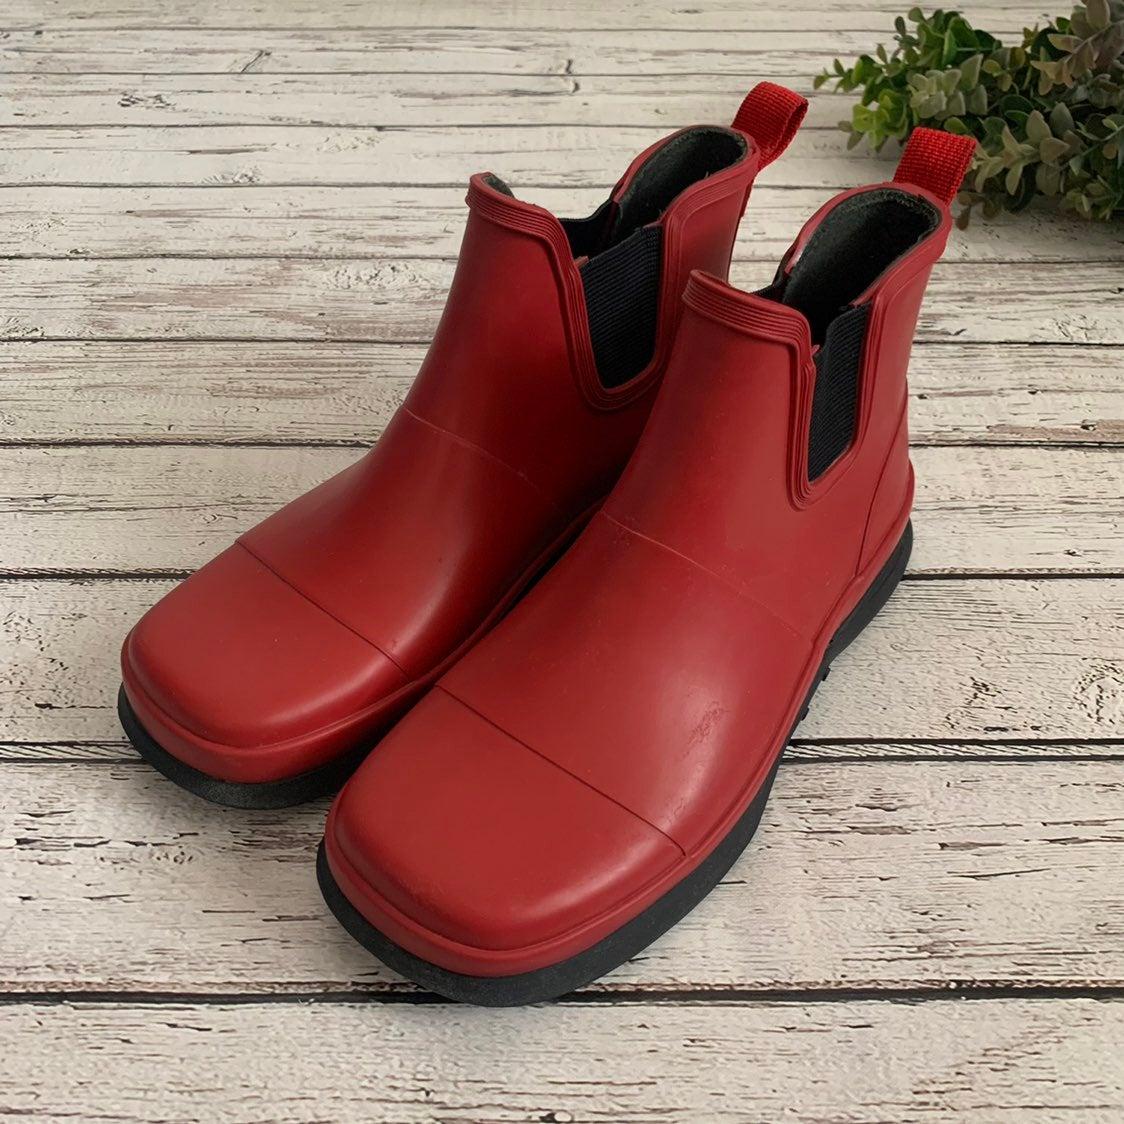 Eddie Bauer Ankle Rain Boots size 7